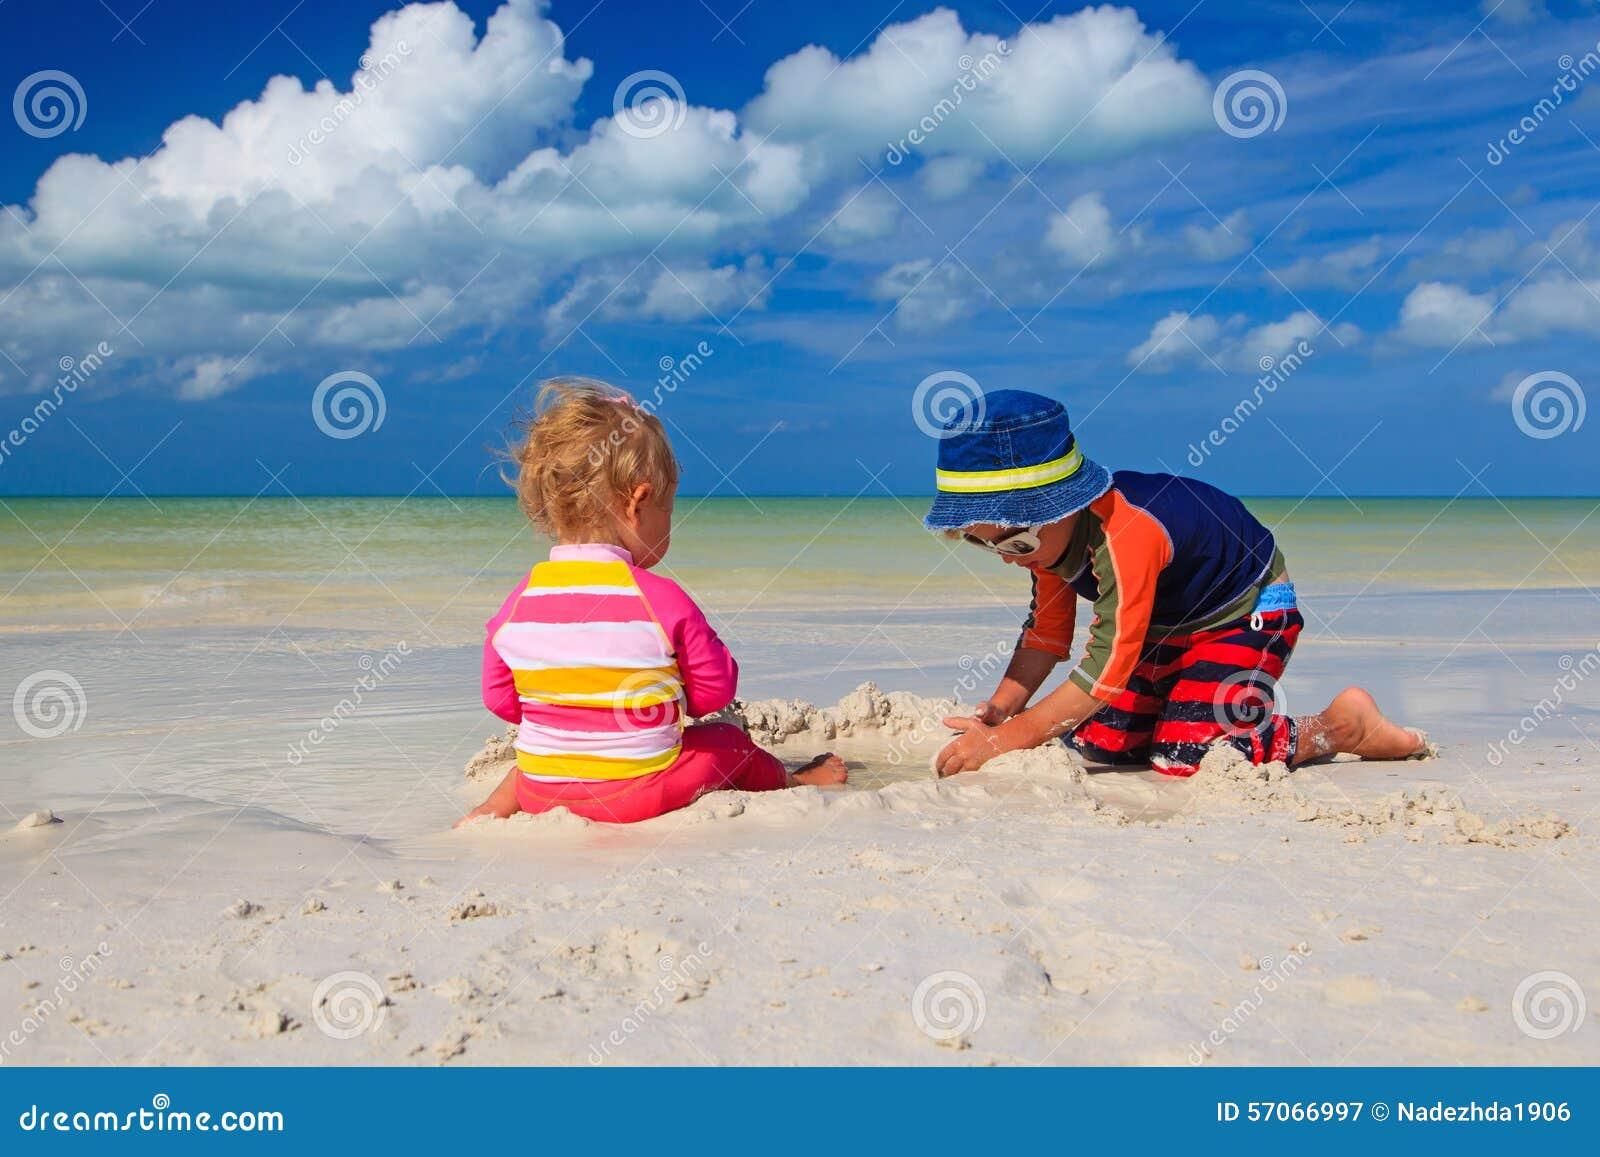 Broer en zuster het spelen met zand op strand